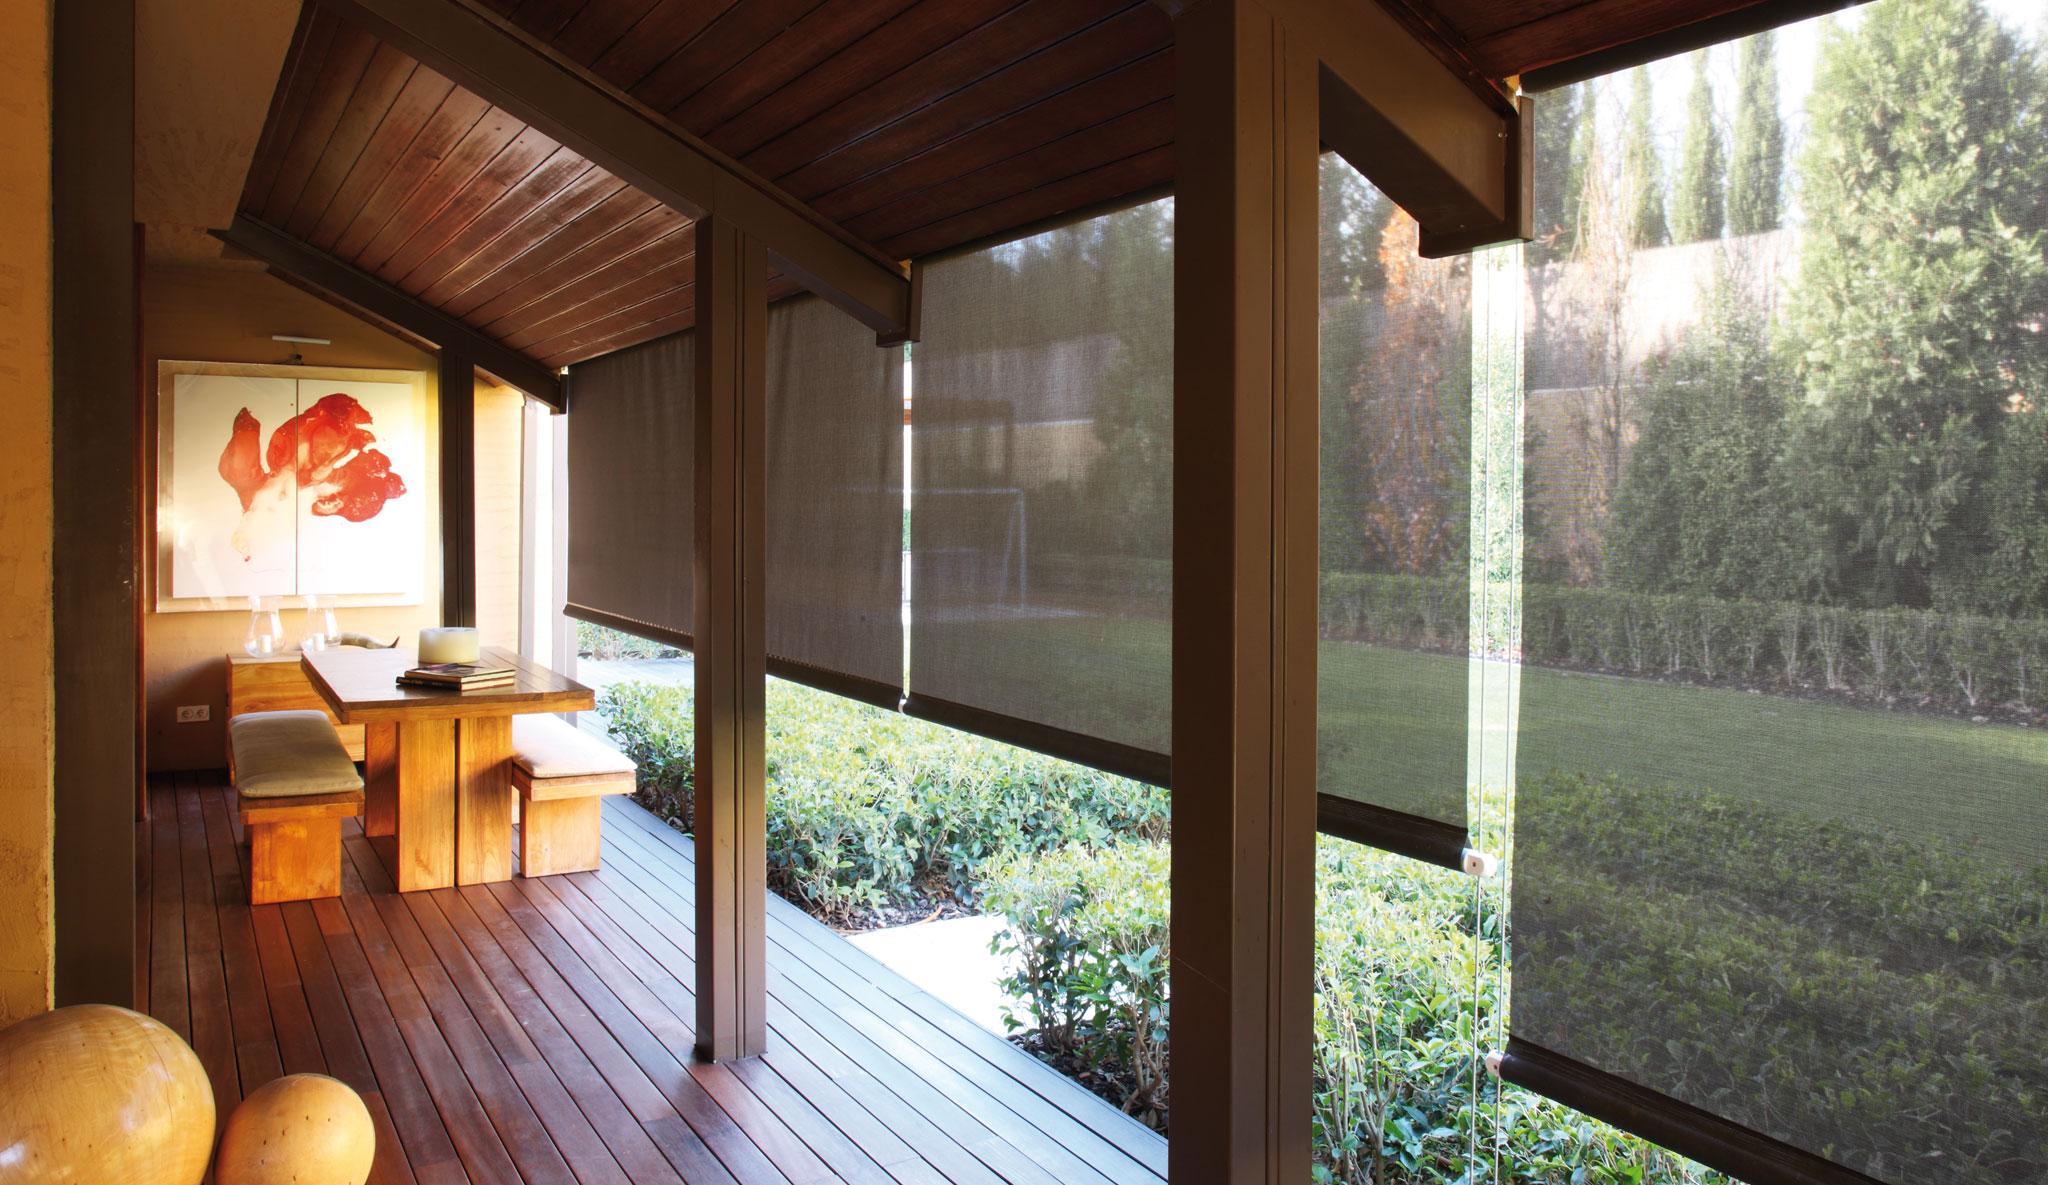 rollos mit mehr tageslicht als sicht und blendschutz. Black Bedroom Furniture Sets. Home Design Ideas